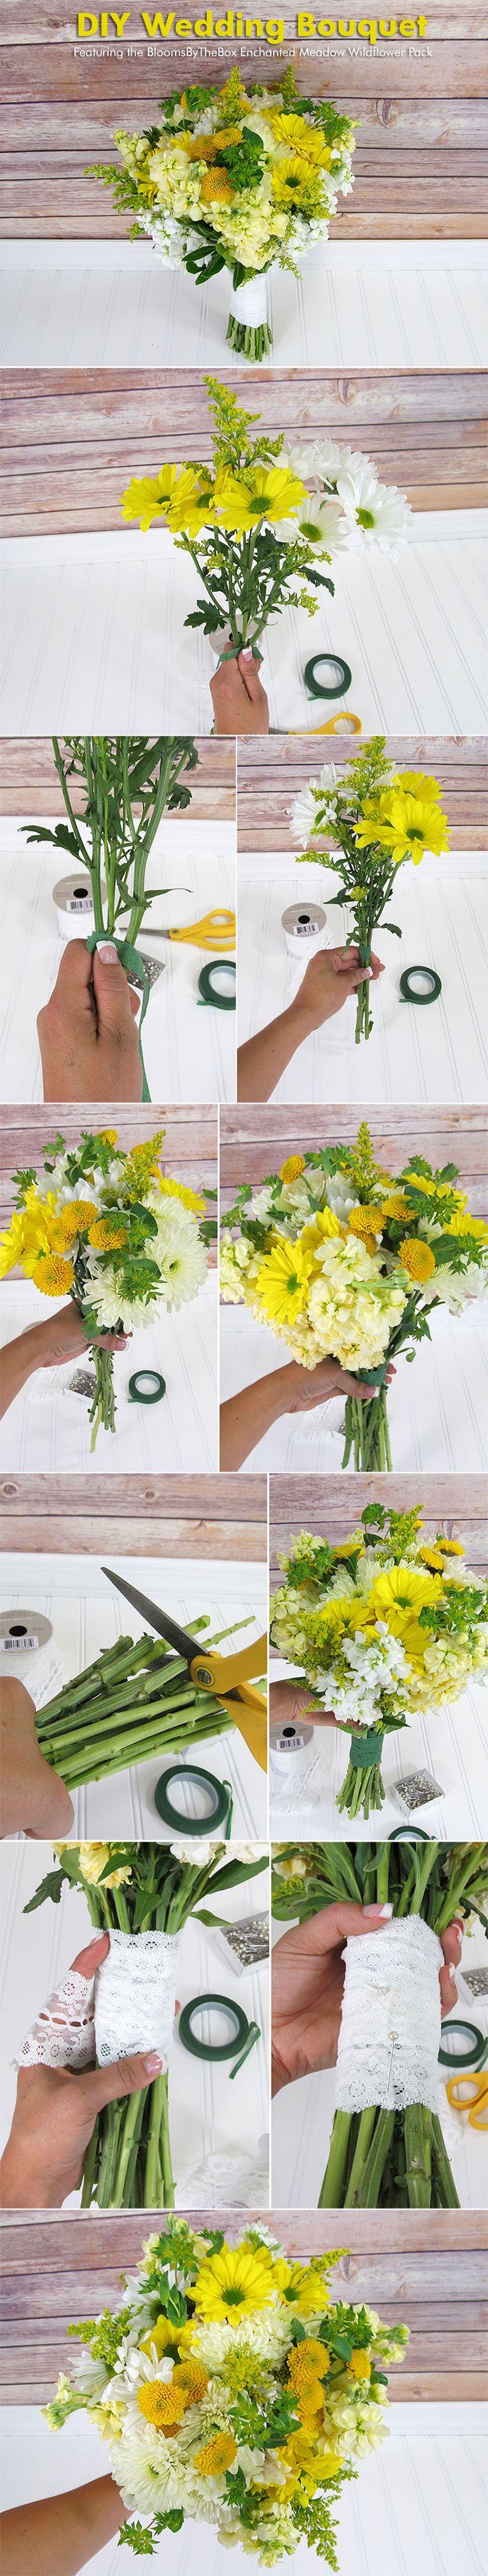 Make A Wildflower Bouquet